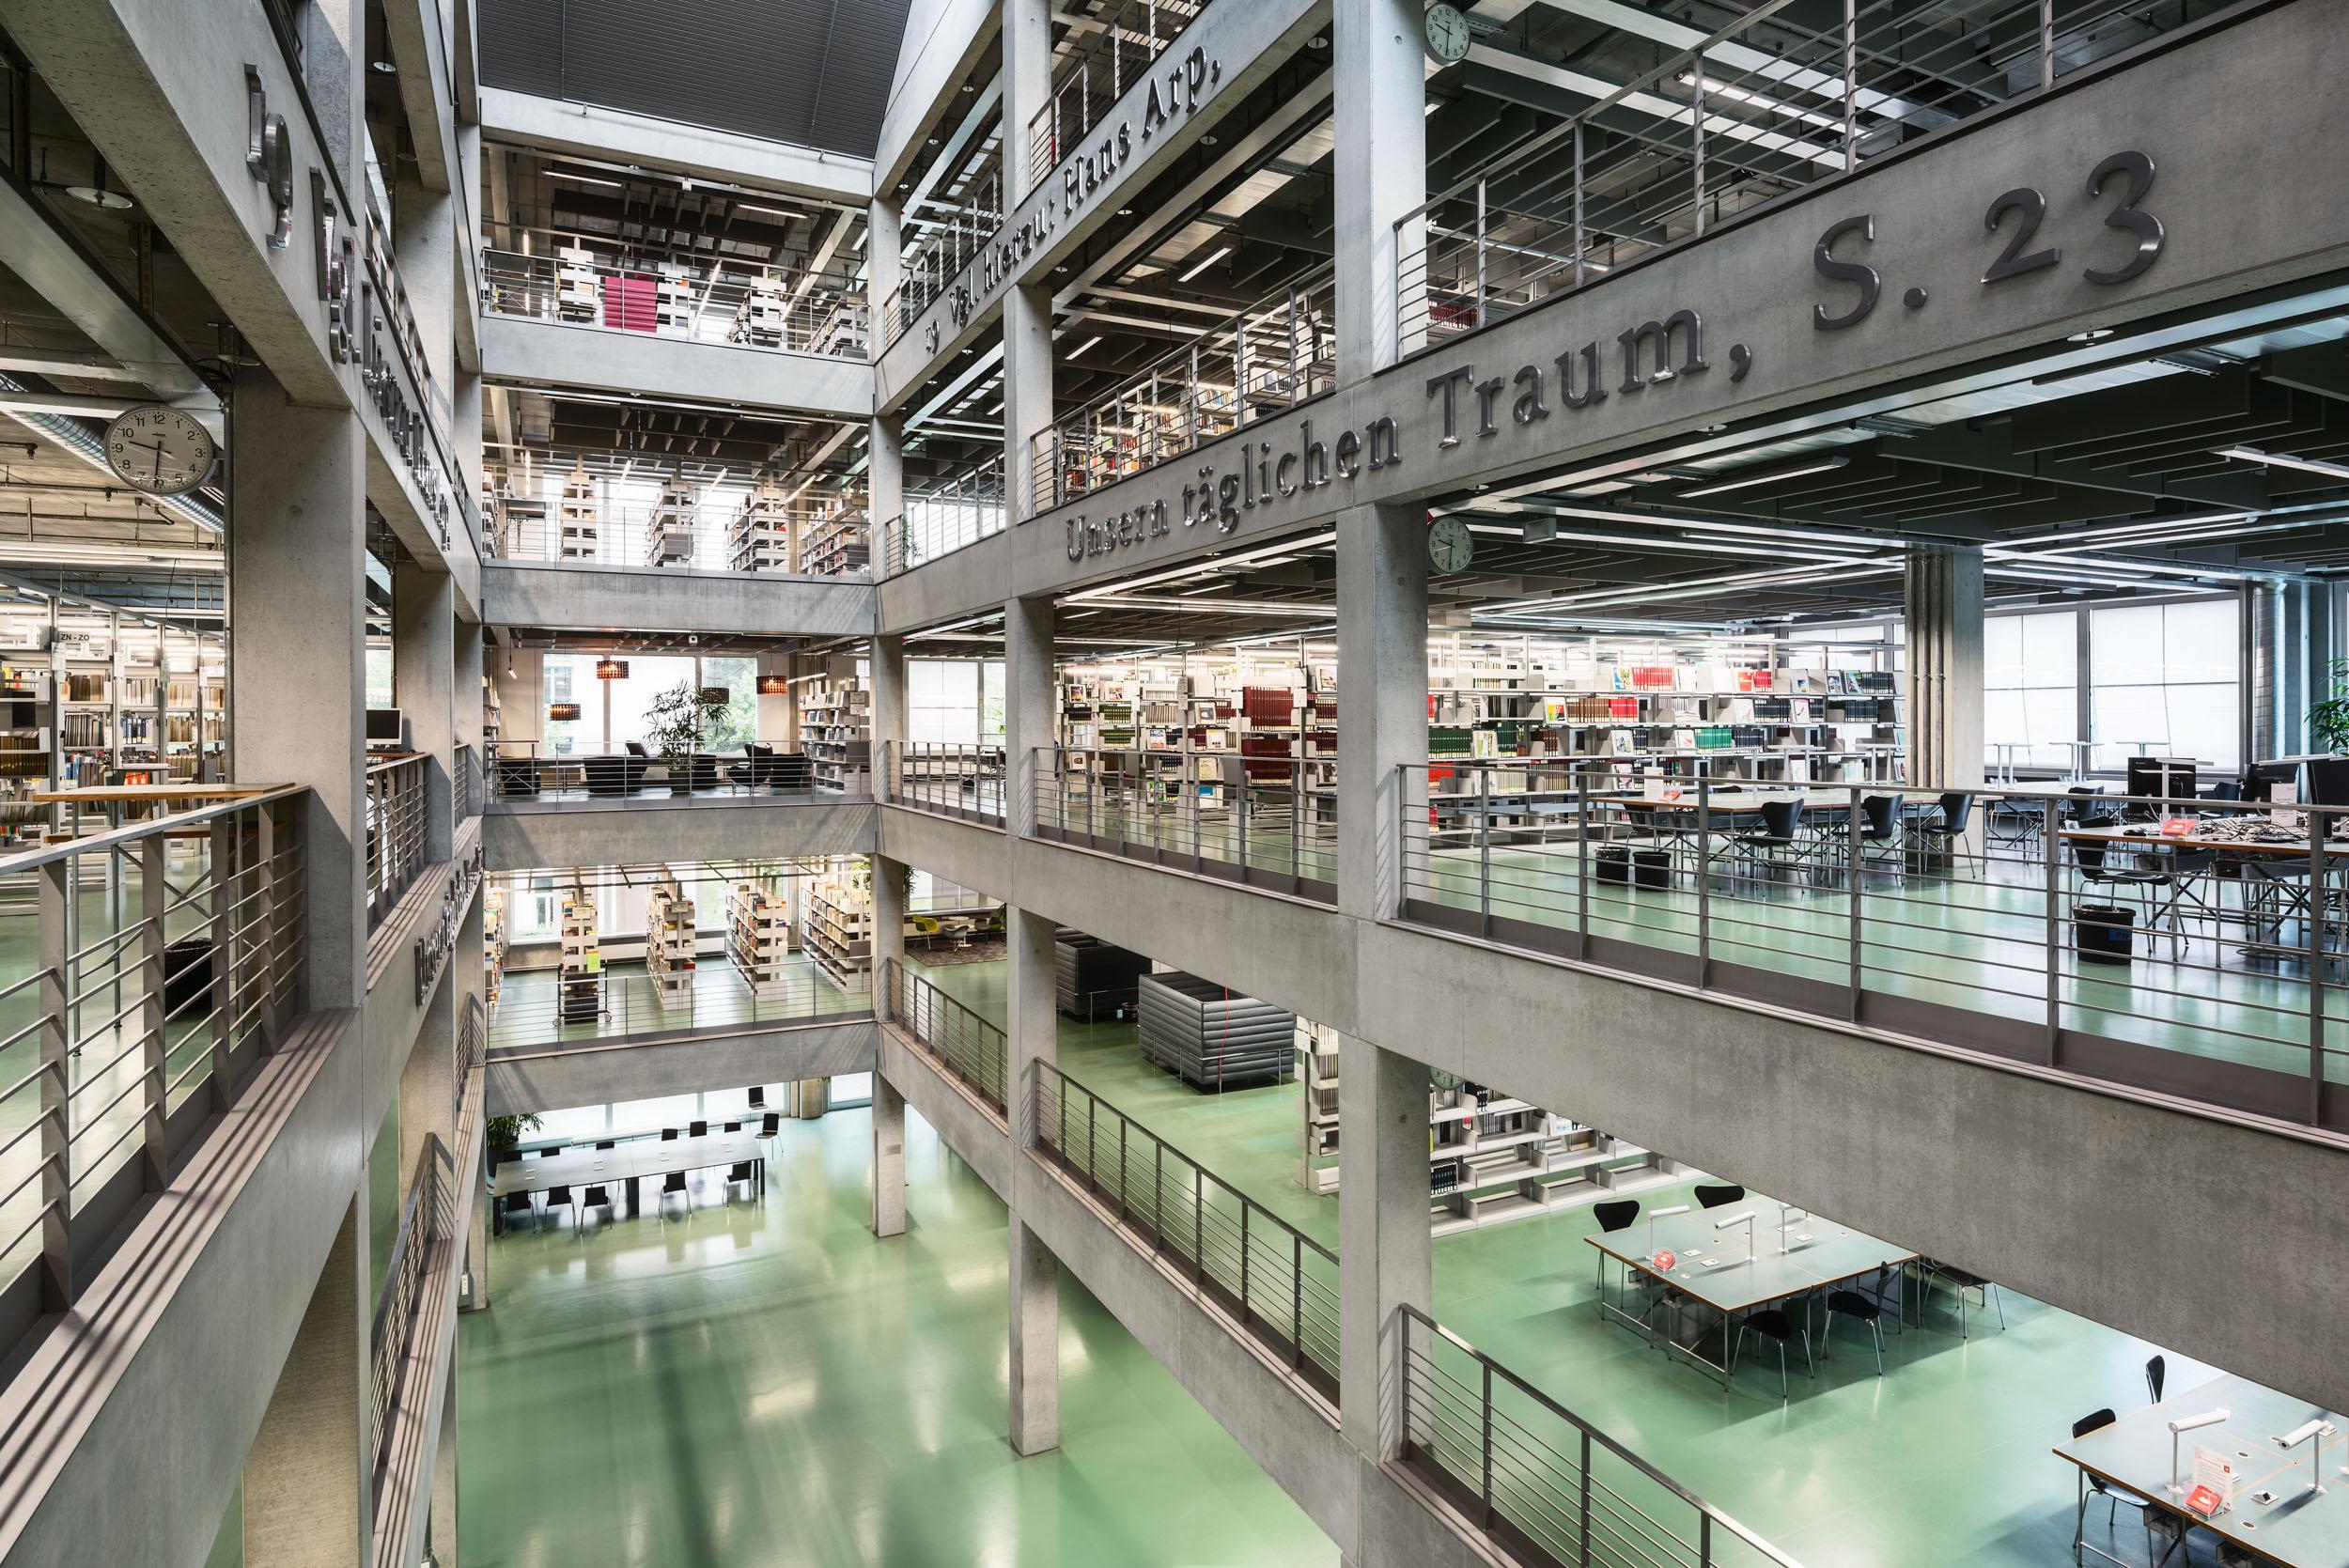 Gustav-Epple-Bauunternehmung-Bibliothek-Technische-Universität-Berlin_MLX6055